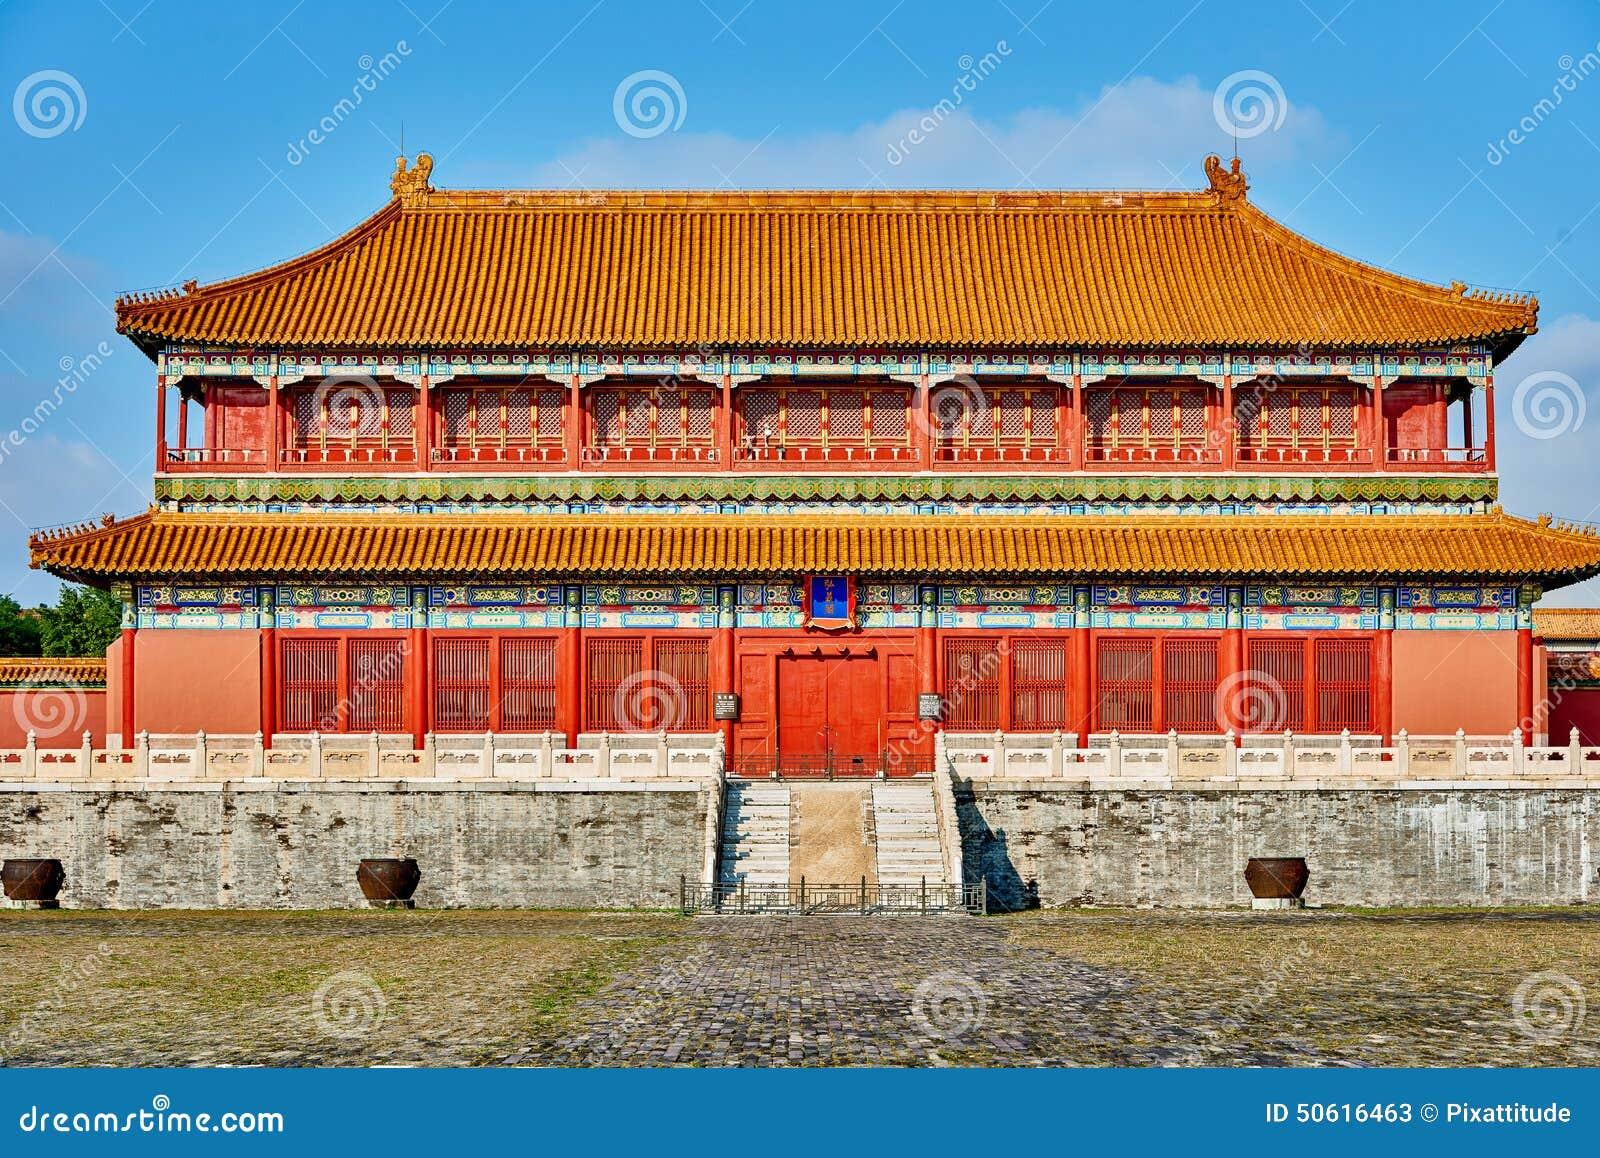 Beijing China October 2017 Forbidden City Palace Museum ...  |Imperial Palace Forbidden City Beijing China